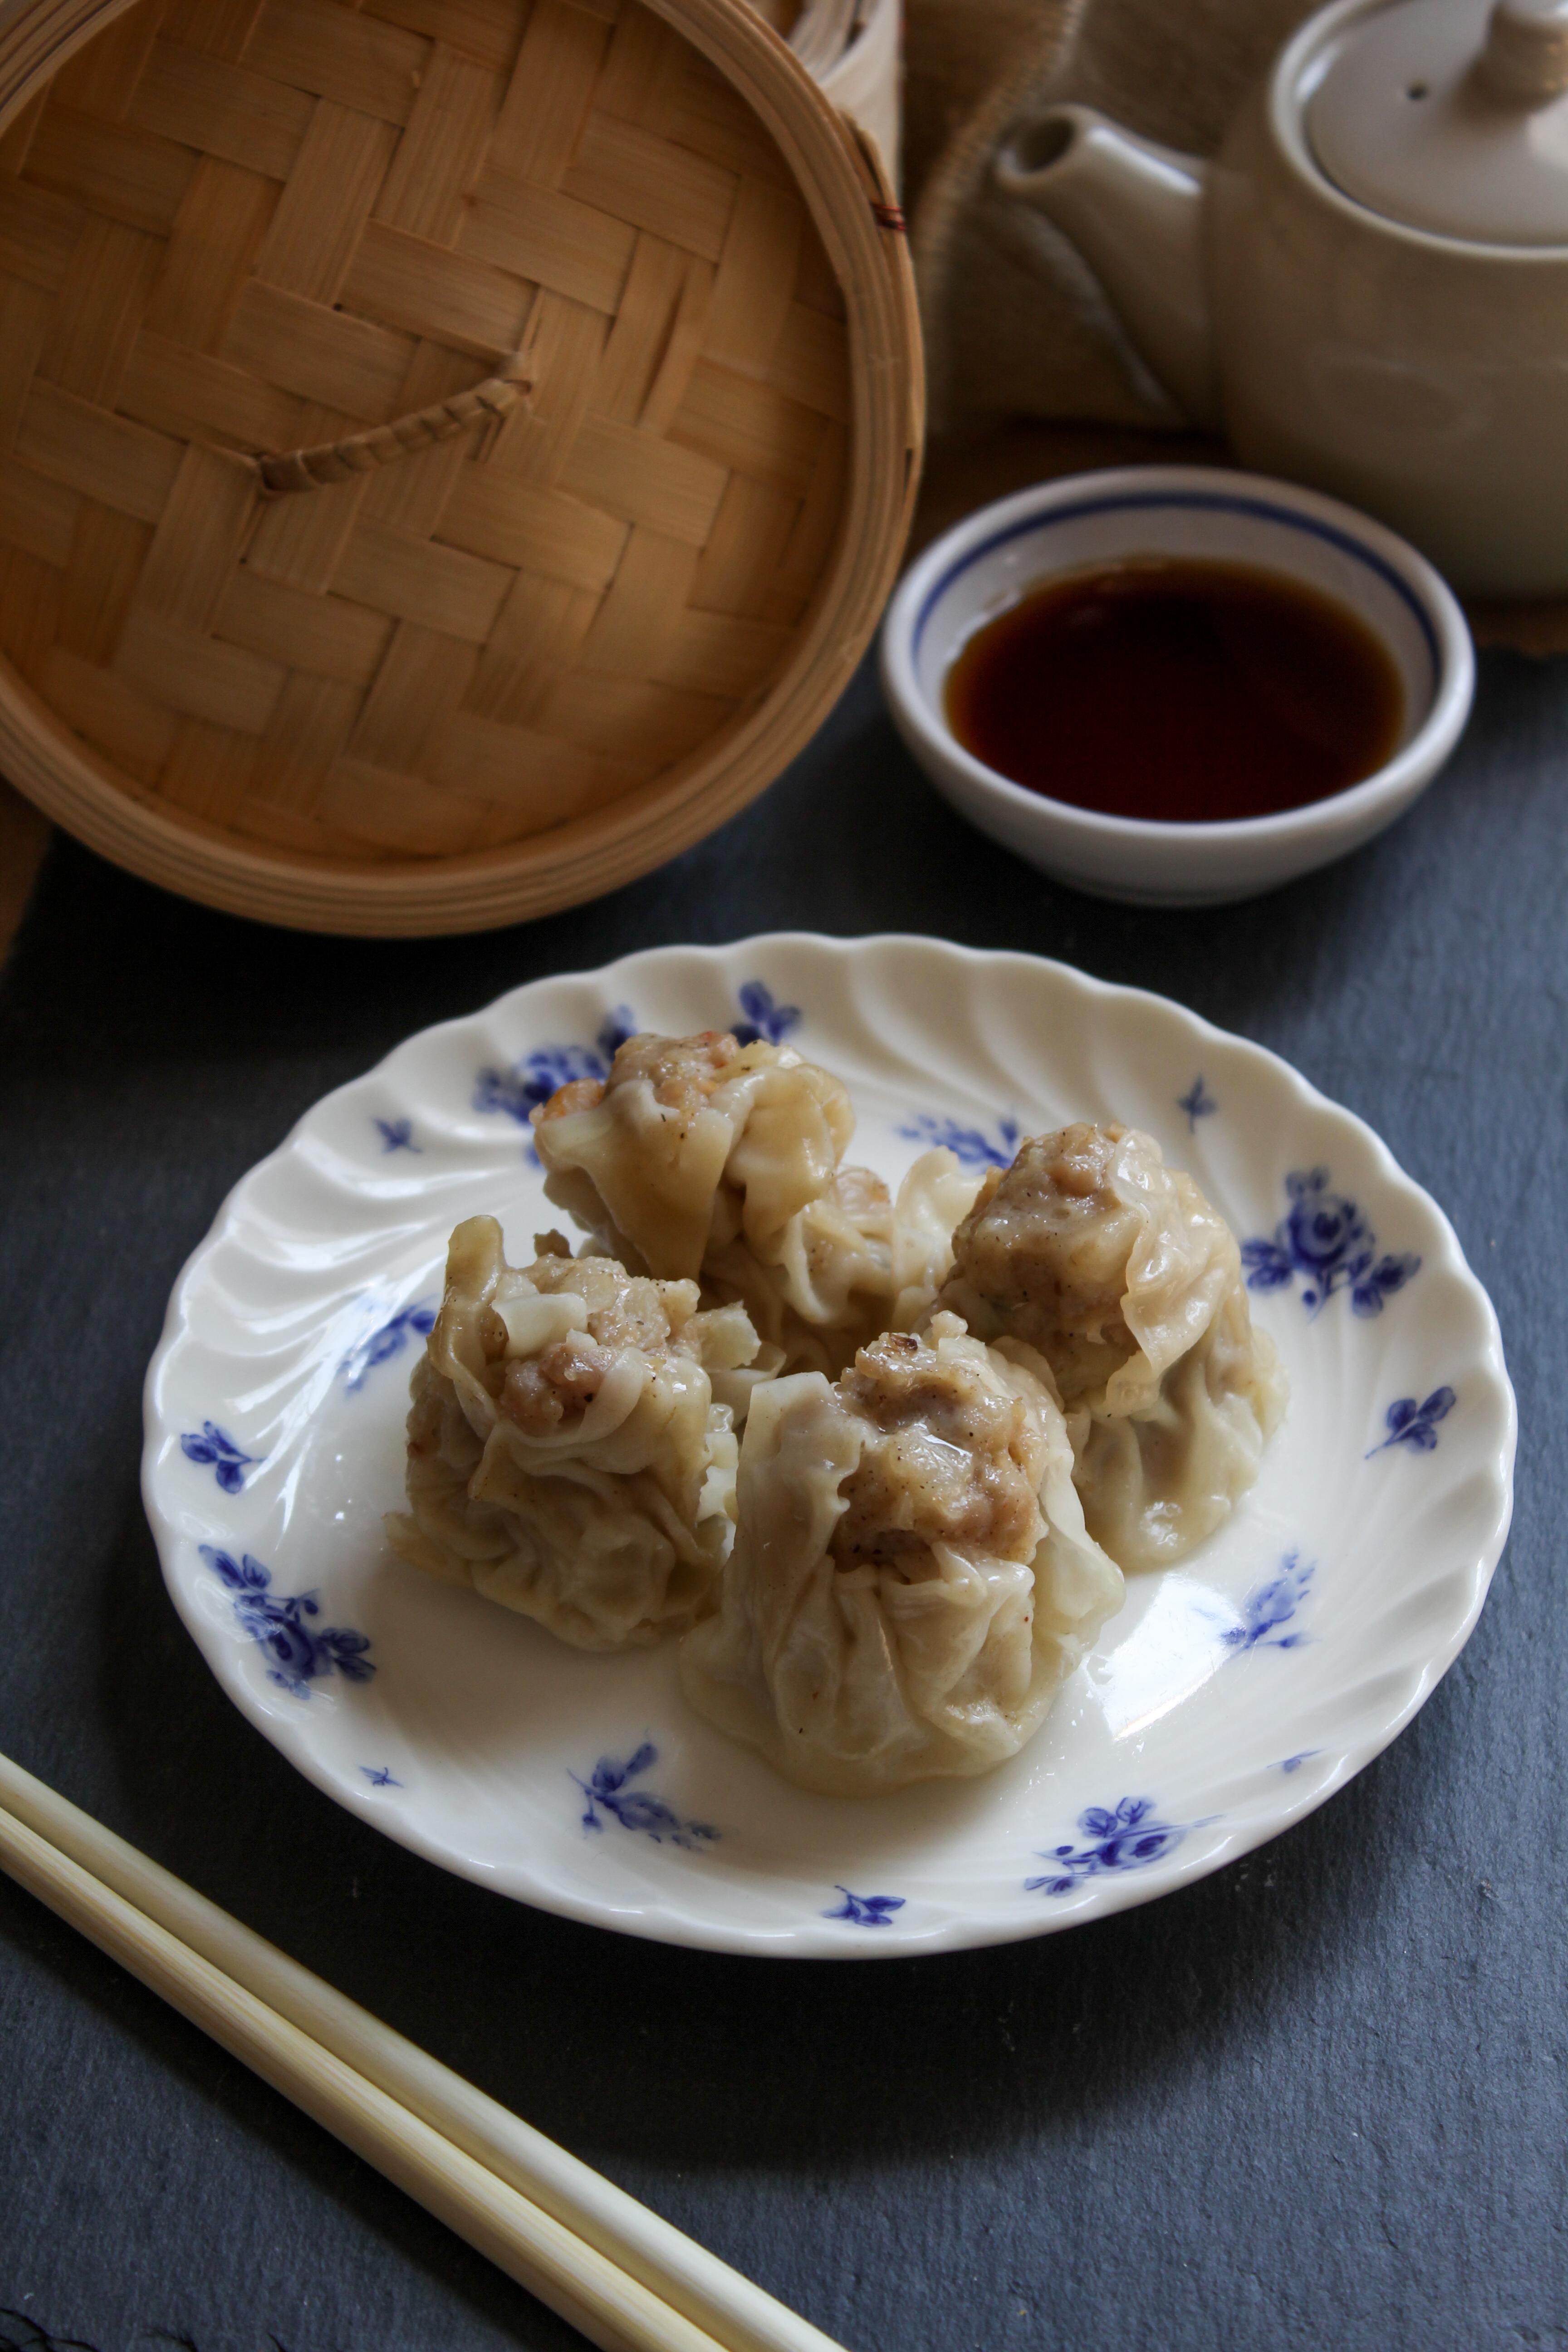 ชูมัย ขนมจีบญี่ปุ่น และ Nutrition Fact